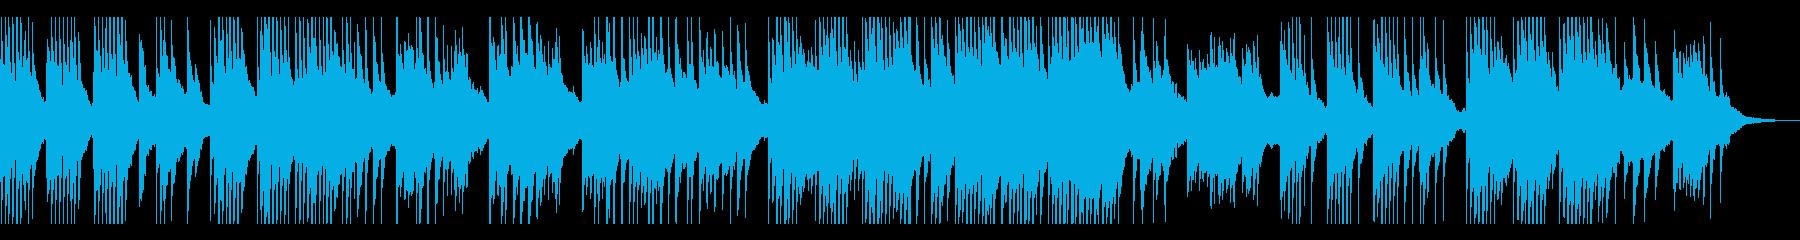 セピア・回想・モノローグ ピアノソロの再生済みの波形